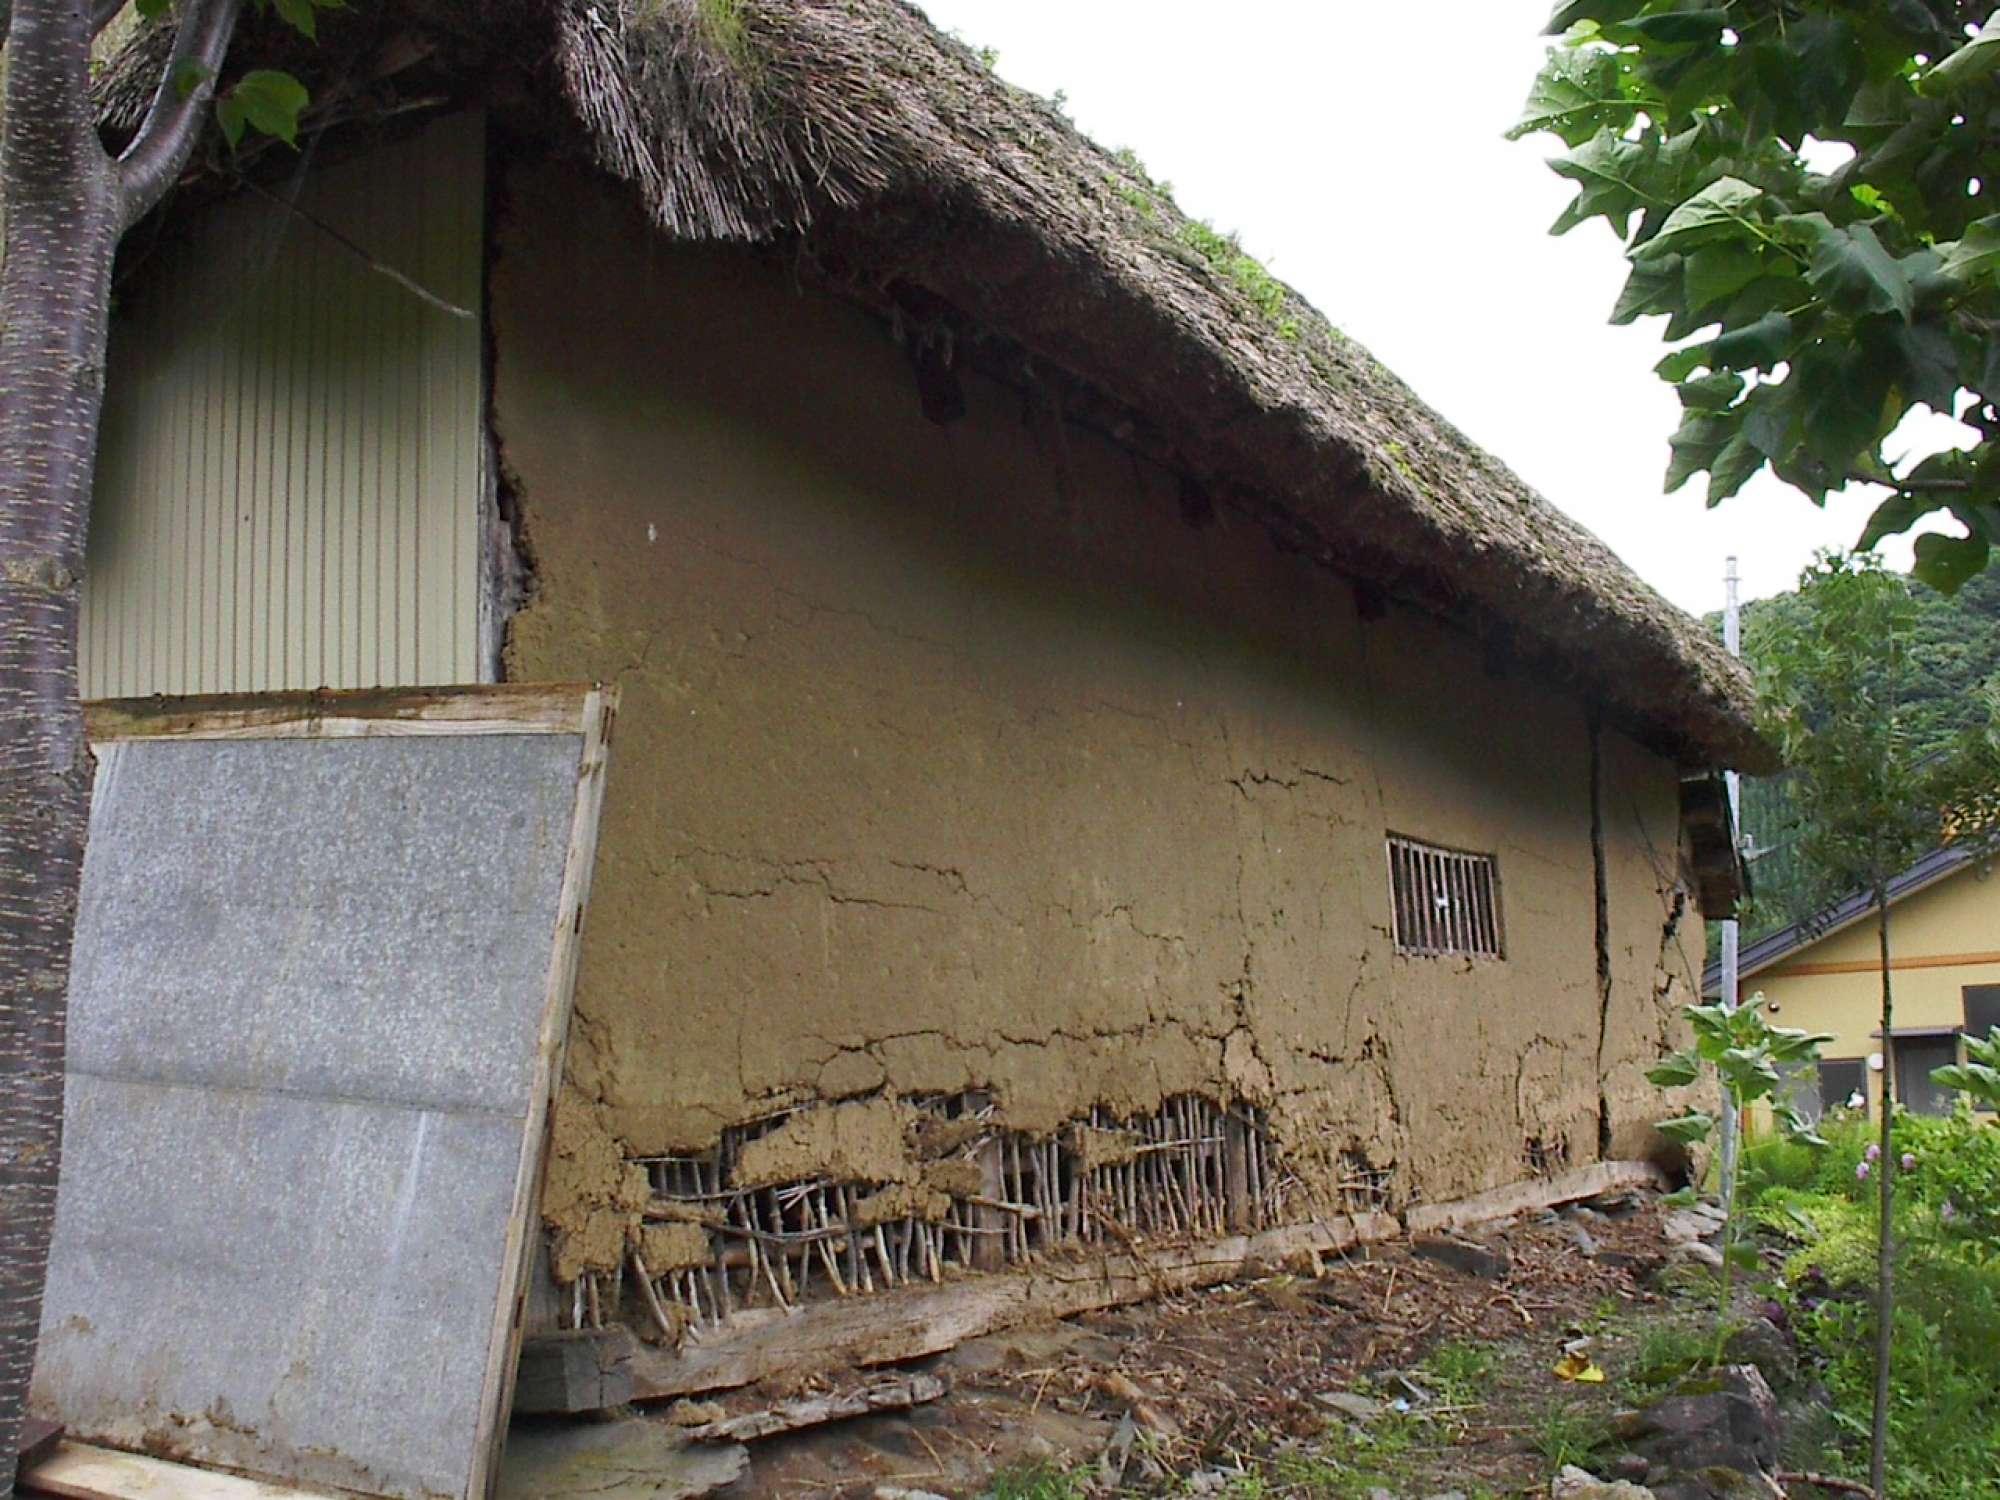 - 土壁+竹細いによる外壁。土壁から下地の竹小舞が見えています。格子状に編み込んで構成された竹に、土を盛って外壁をつくる工法。奥は通風用の窓でしょうか。竹格子のようです。 -  -